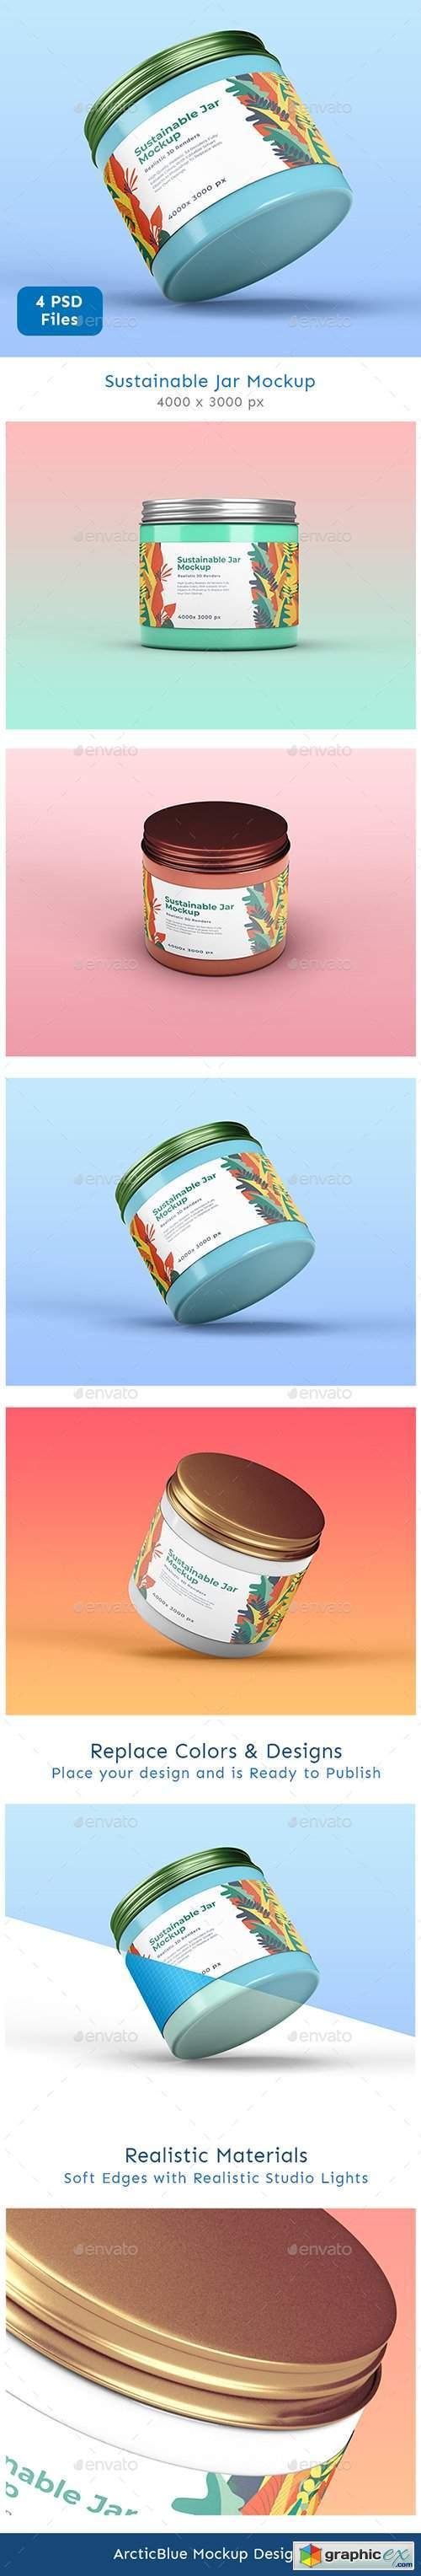 Sustainable Jar Mockup